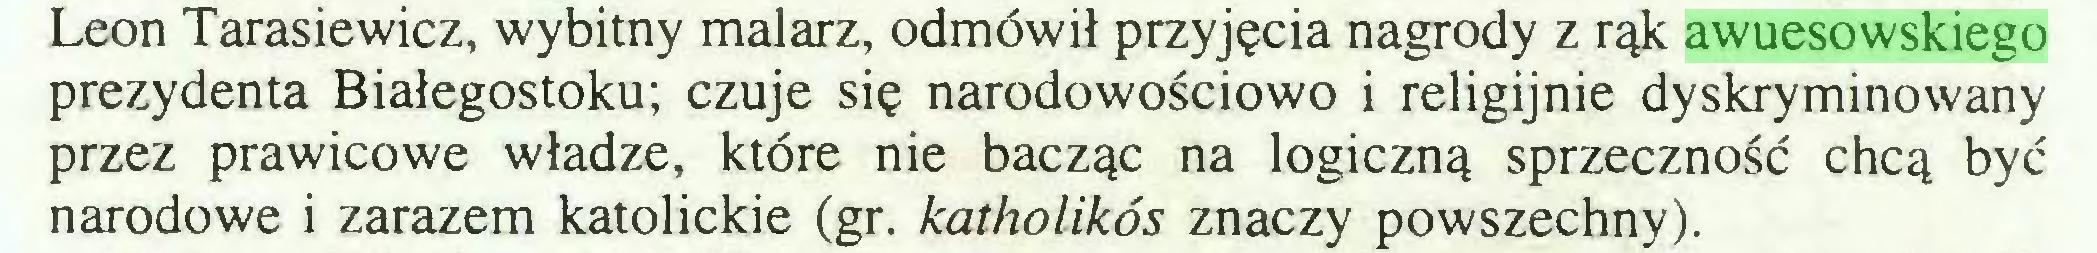 (...) Leon Tarasiewicz, wybitny malarz, odmówił przyjęcia nagrody z rąk awuesowskiego prezydenta Białegostoku; czuje się narodowościowo i religijnie dyskryminowany przez prawicowe władze, które nie bacząc na logiczną sprzeczność chcą być narodowe i zarazem katolickie (gr. katholikós znaczy powszechny)...